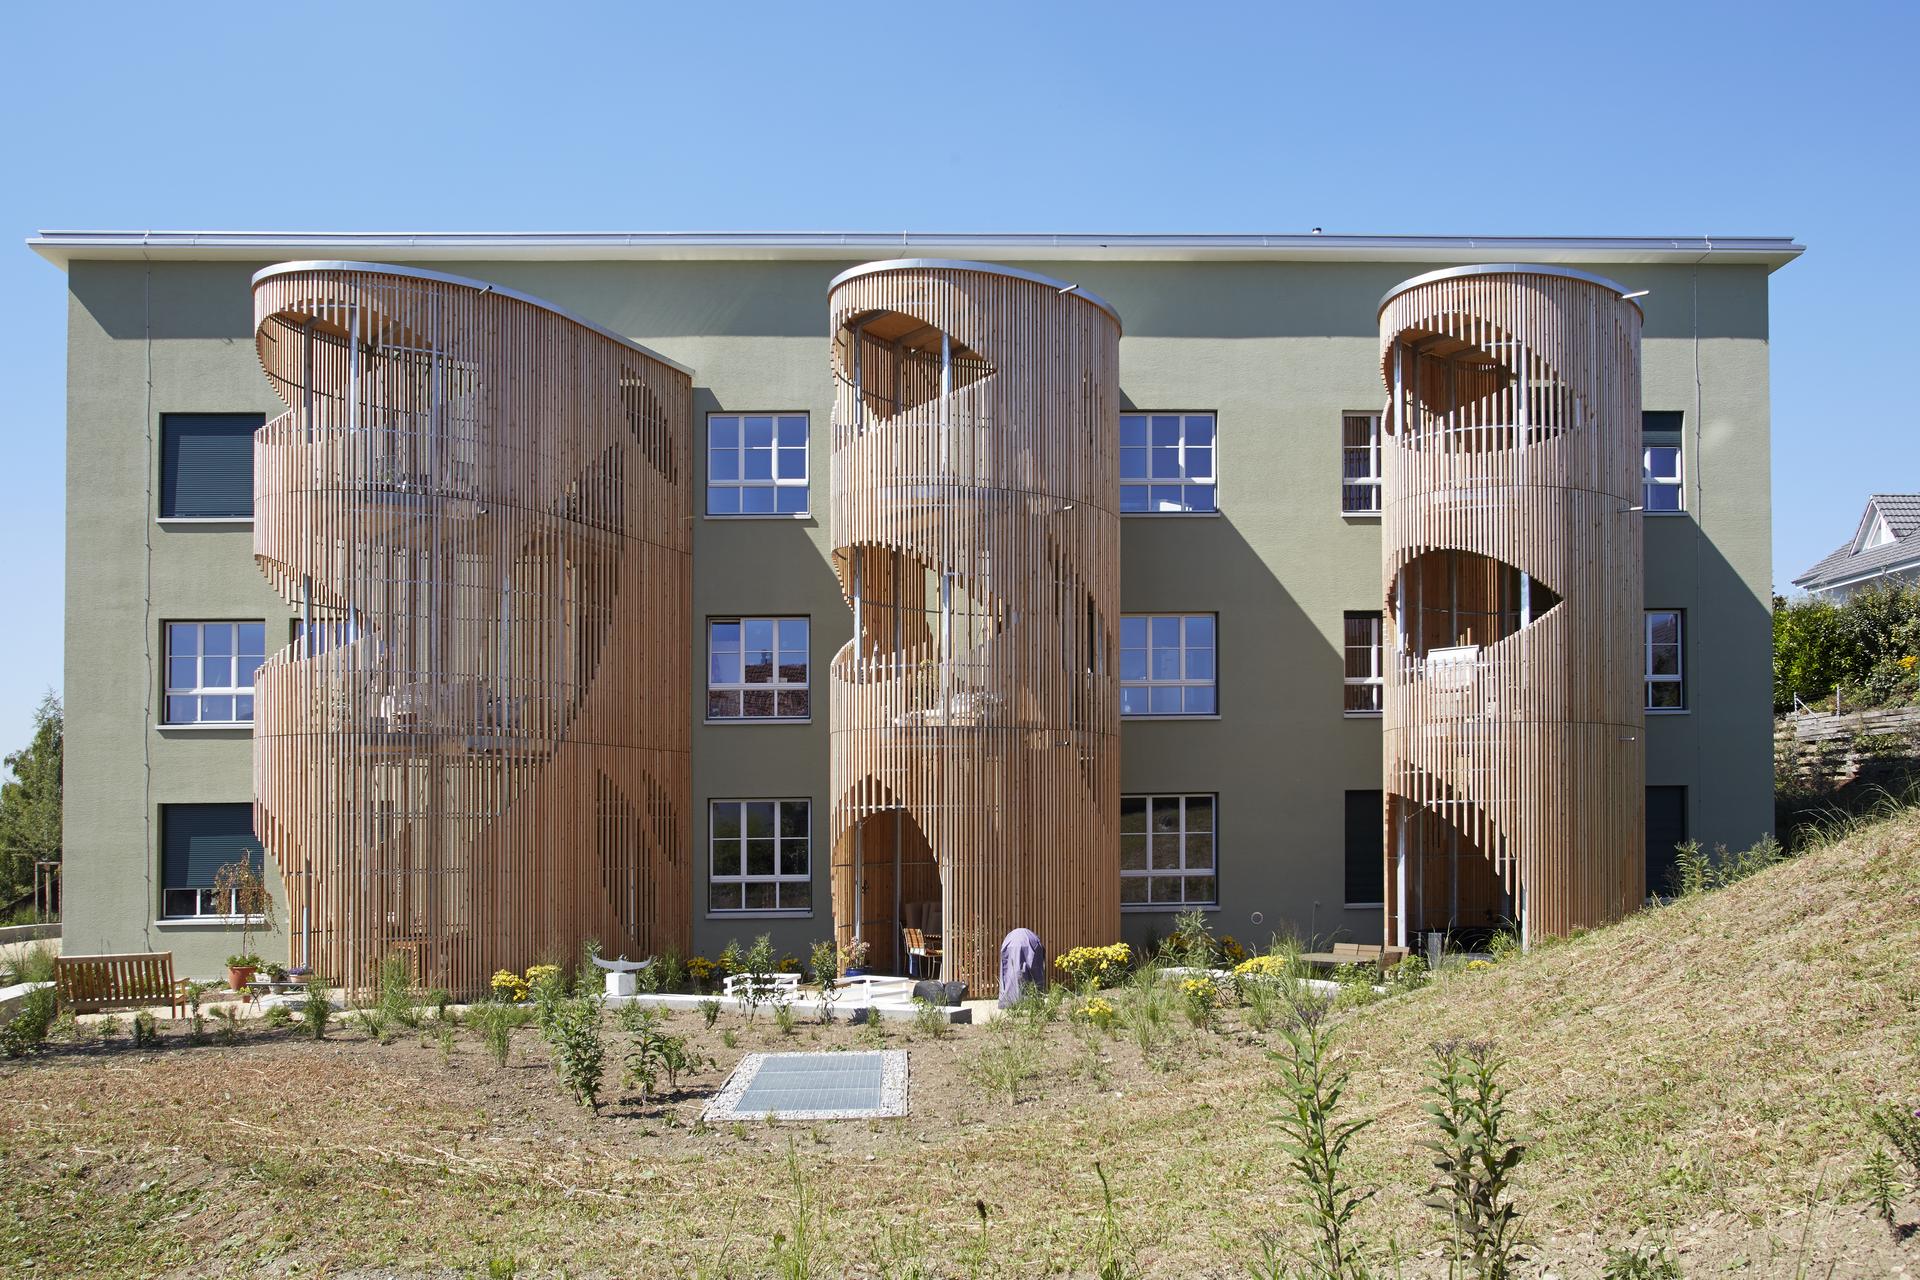 Wohngebäude mit speziellem Balkon-Design in Cocoon-Art aus Holz